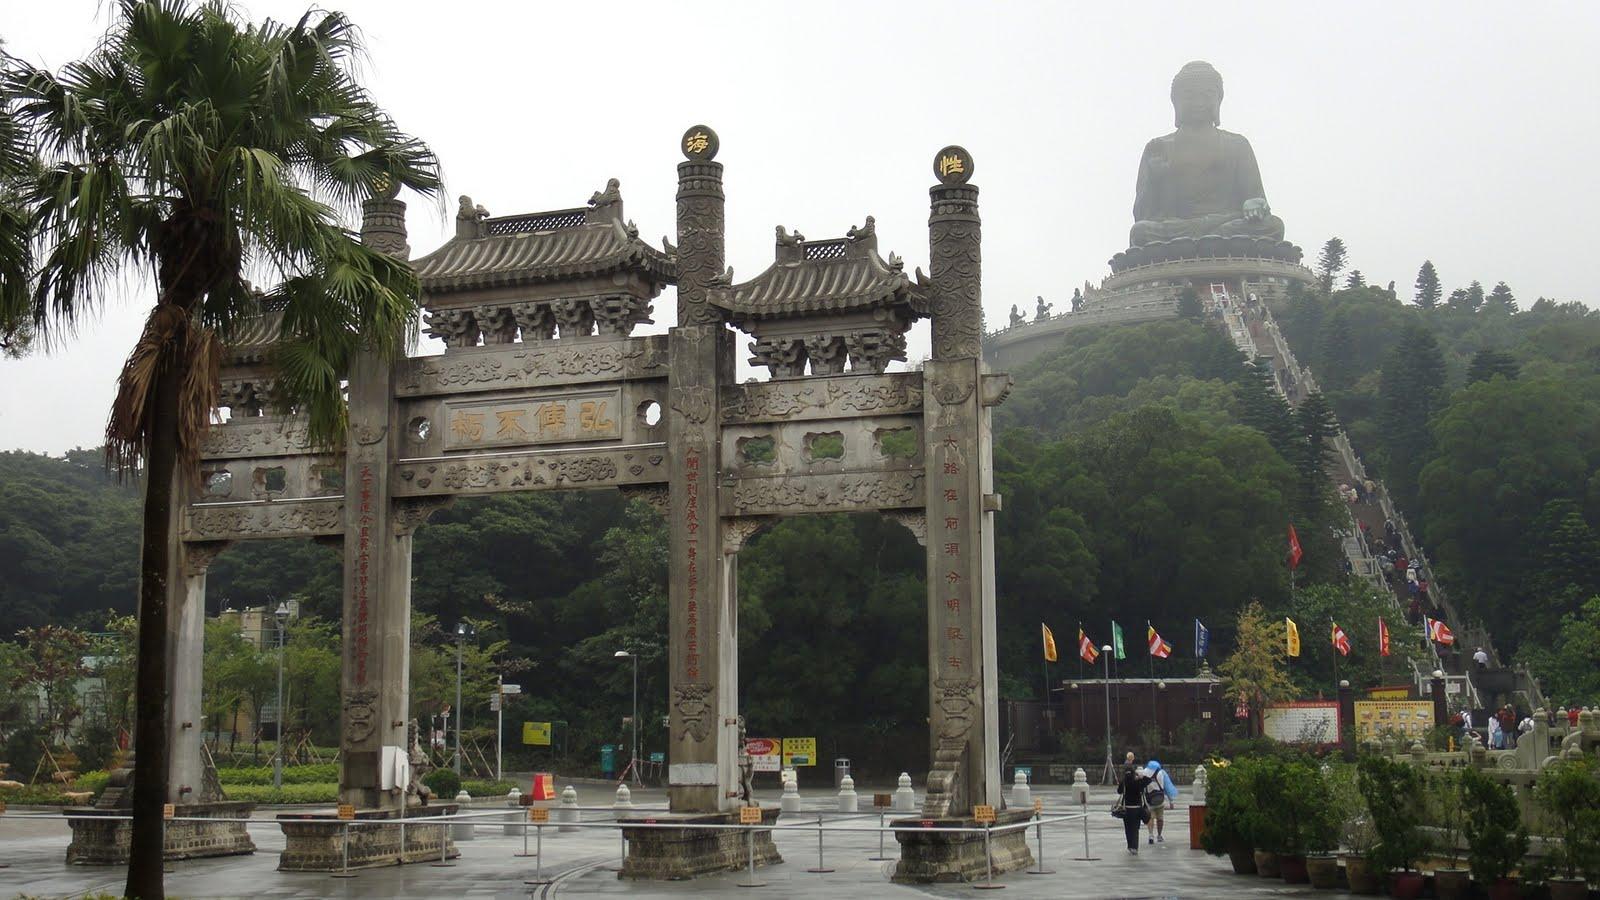 小眼睛 逛世界: 香港澳門遊 之 玩樂篇 Day1 大嶼山 & 旺角